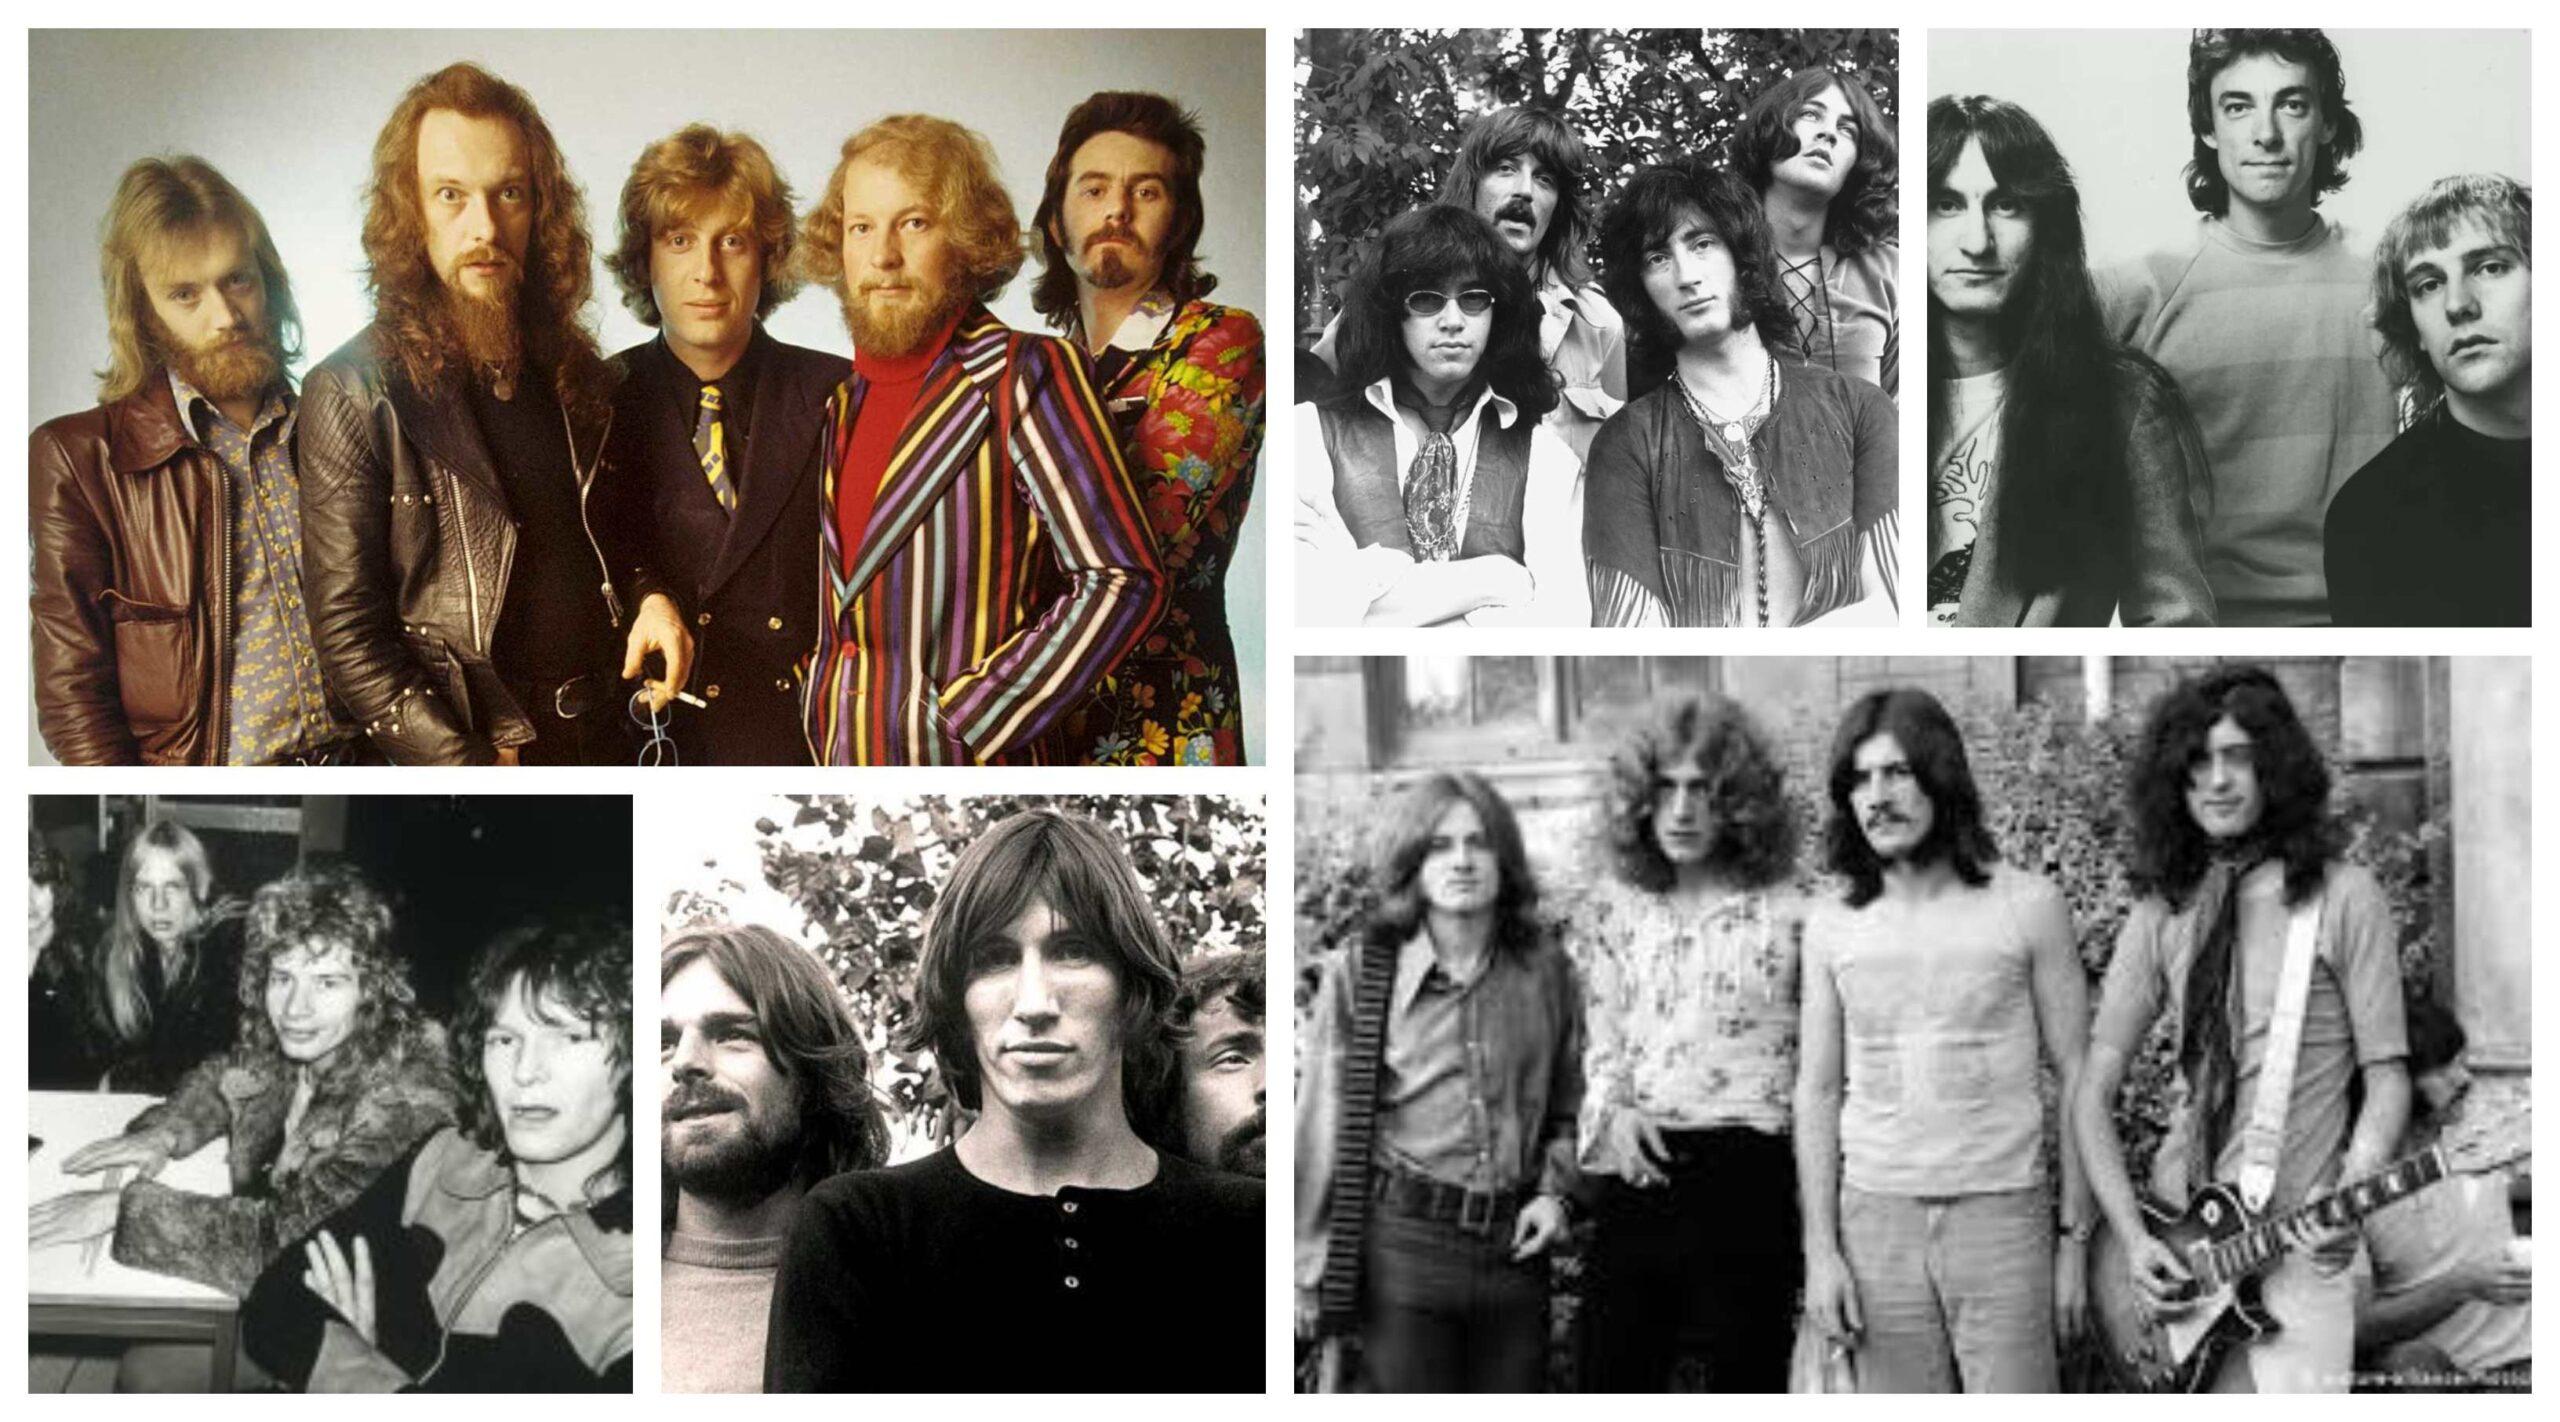 bandas anos 70 tipo e estilo rock progressivo